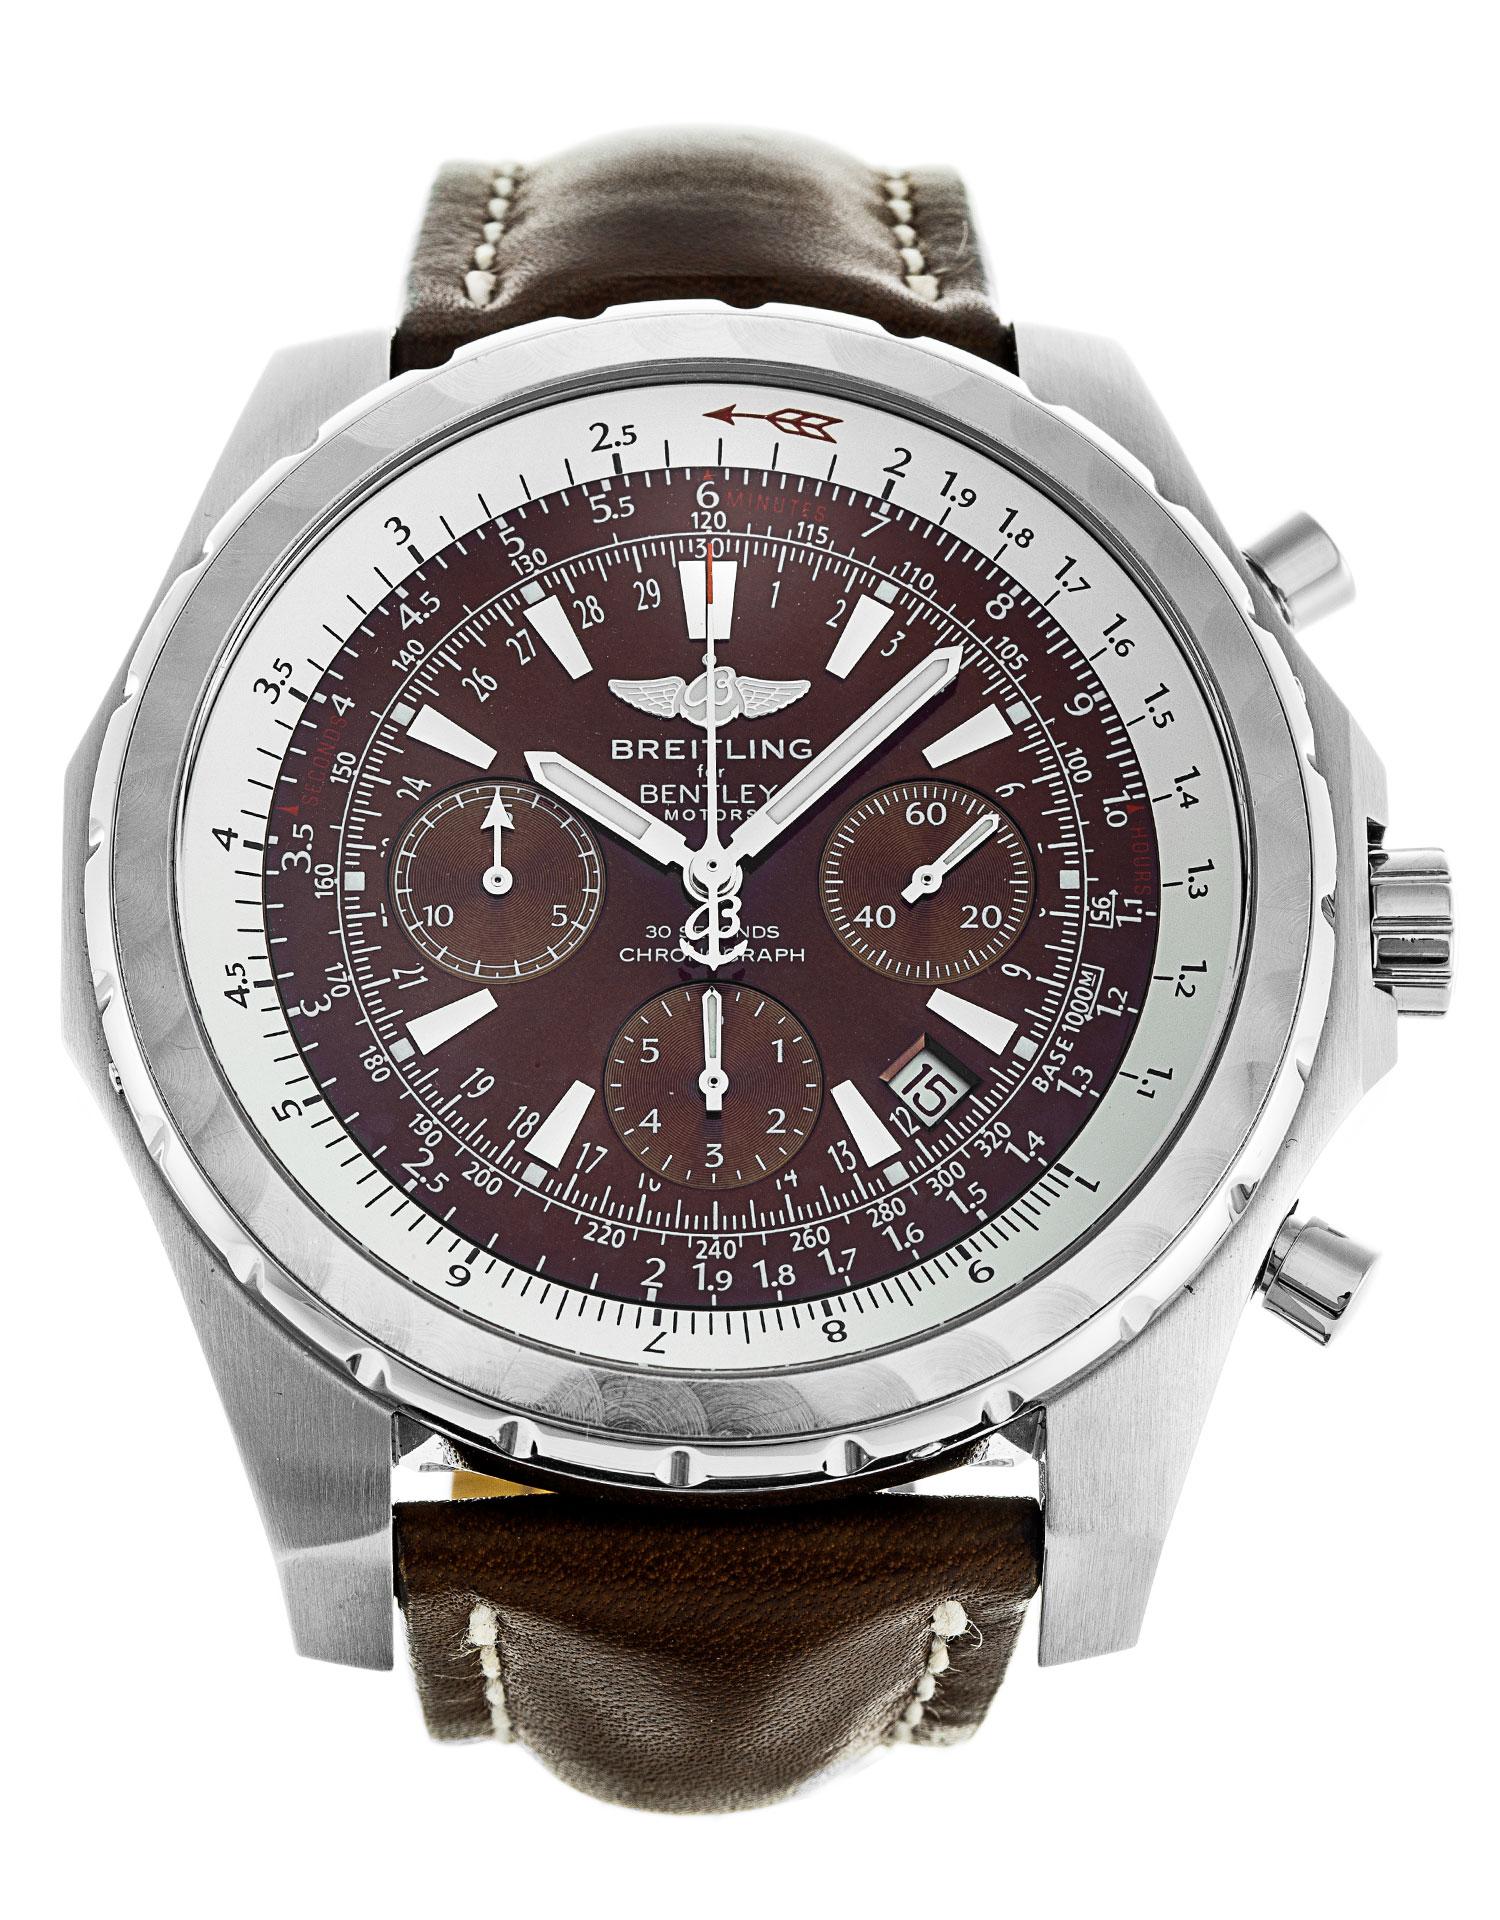 Breitling bentley motors t a25363 watch watchfinder co for Bentley motors net worth